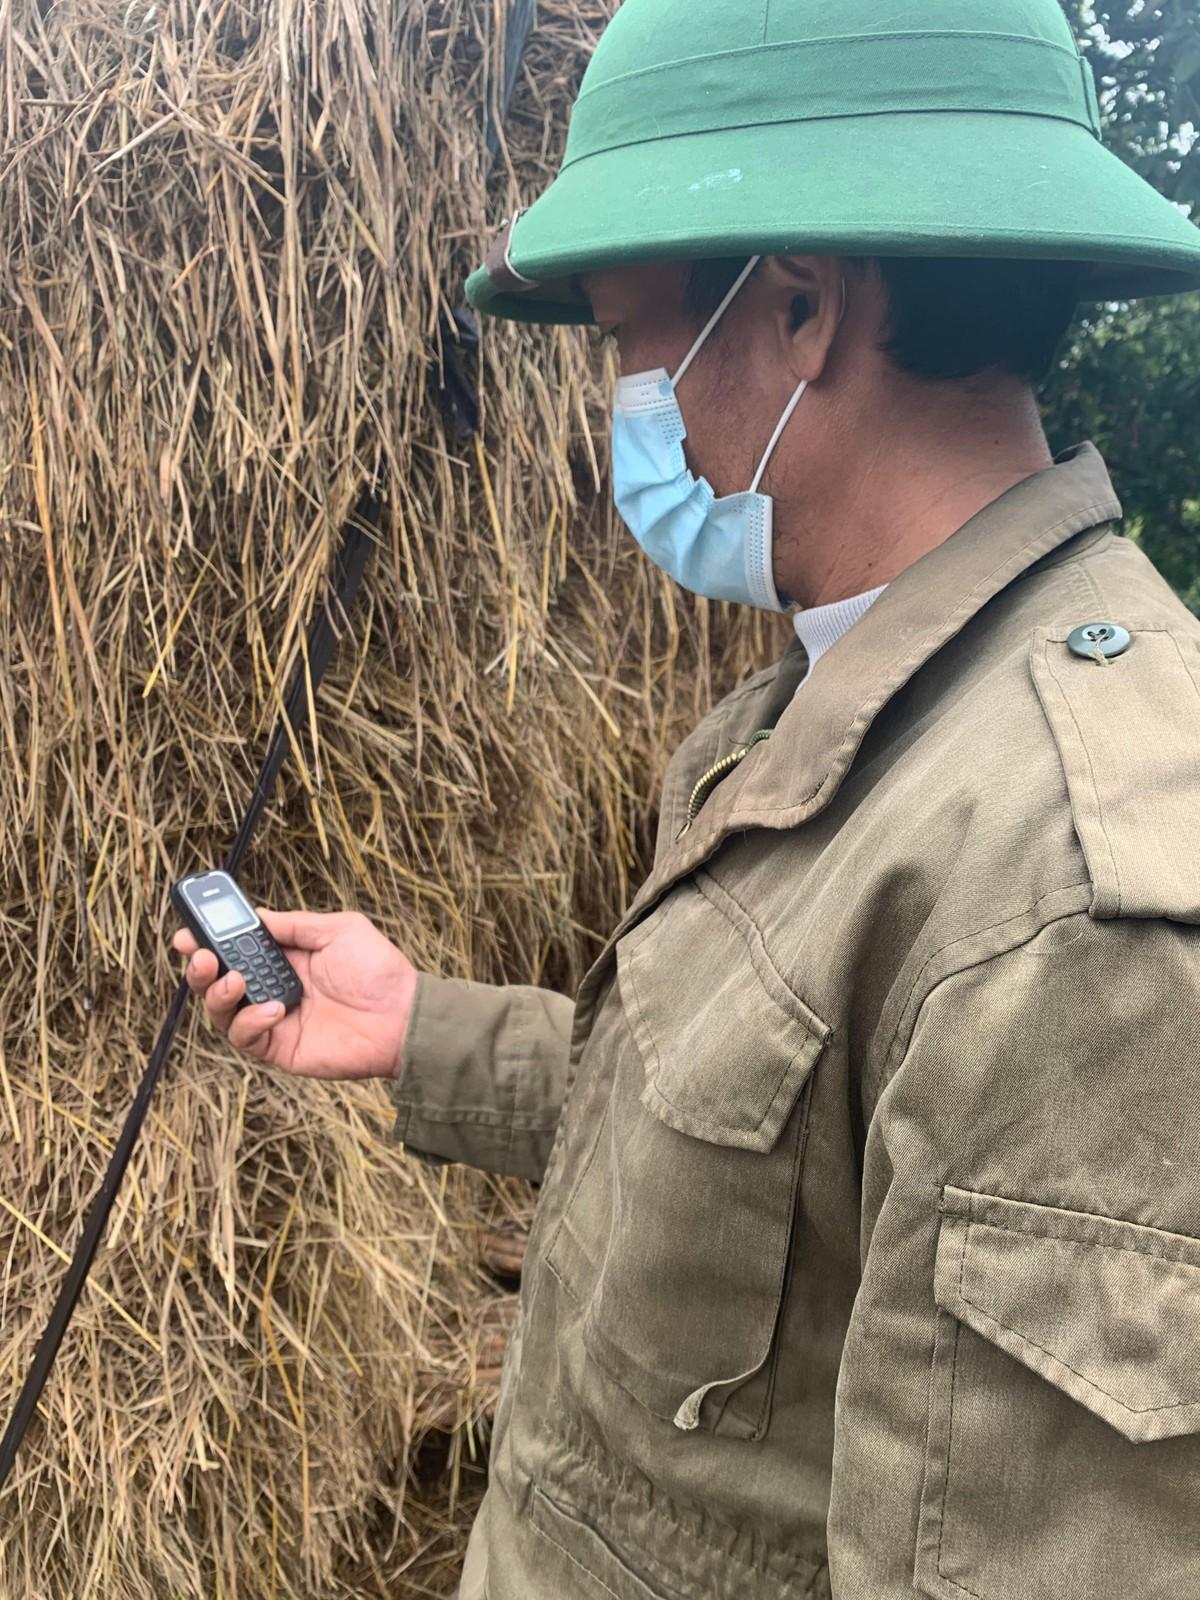 Phần 5: Tâm tư của người dân nông thôn đang sử dụng điện thoại 2G ảnh 1